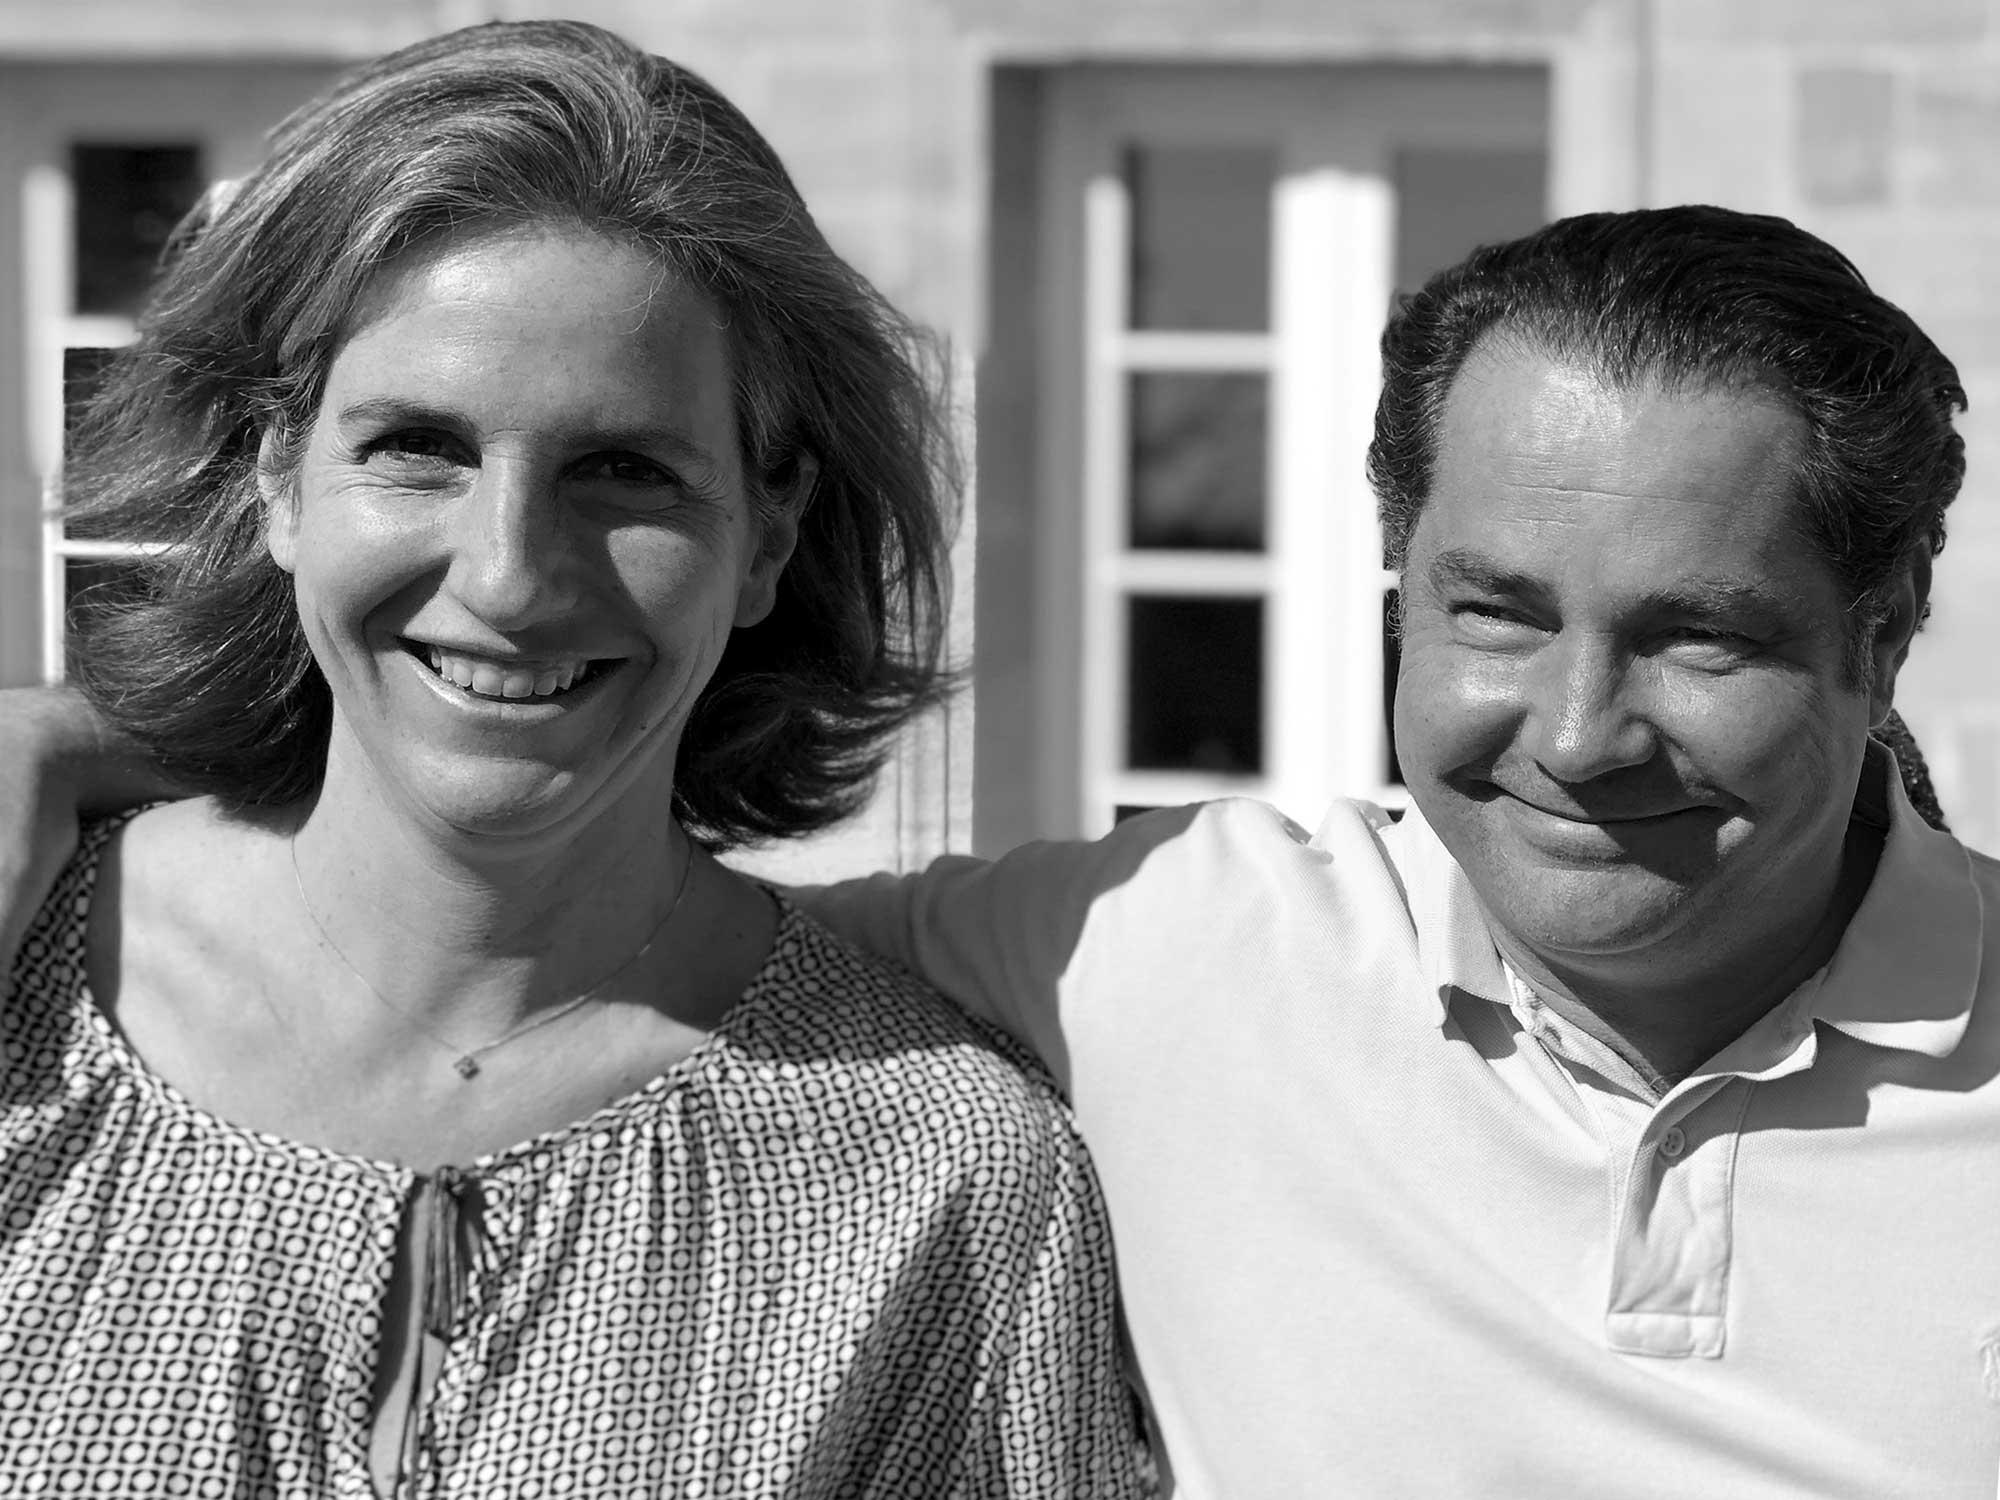 Portrait noir et blanc d'une femme à gauche et d'un homme à droite